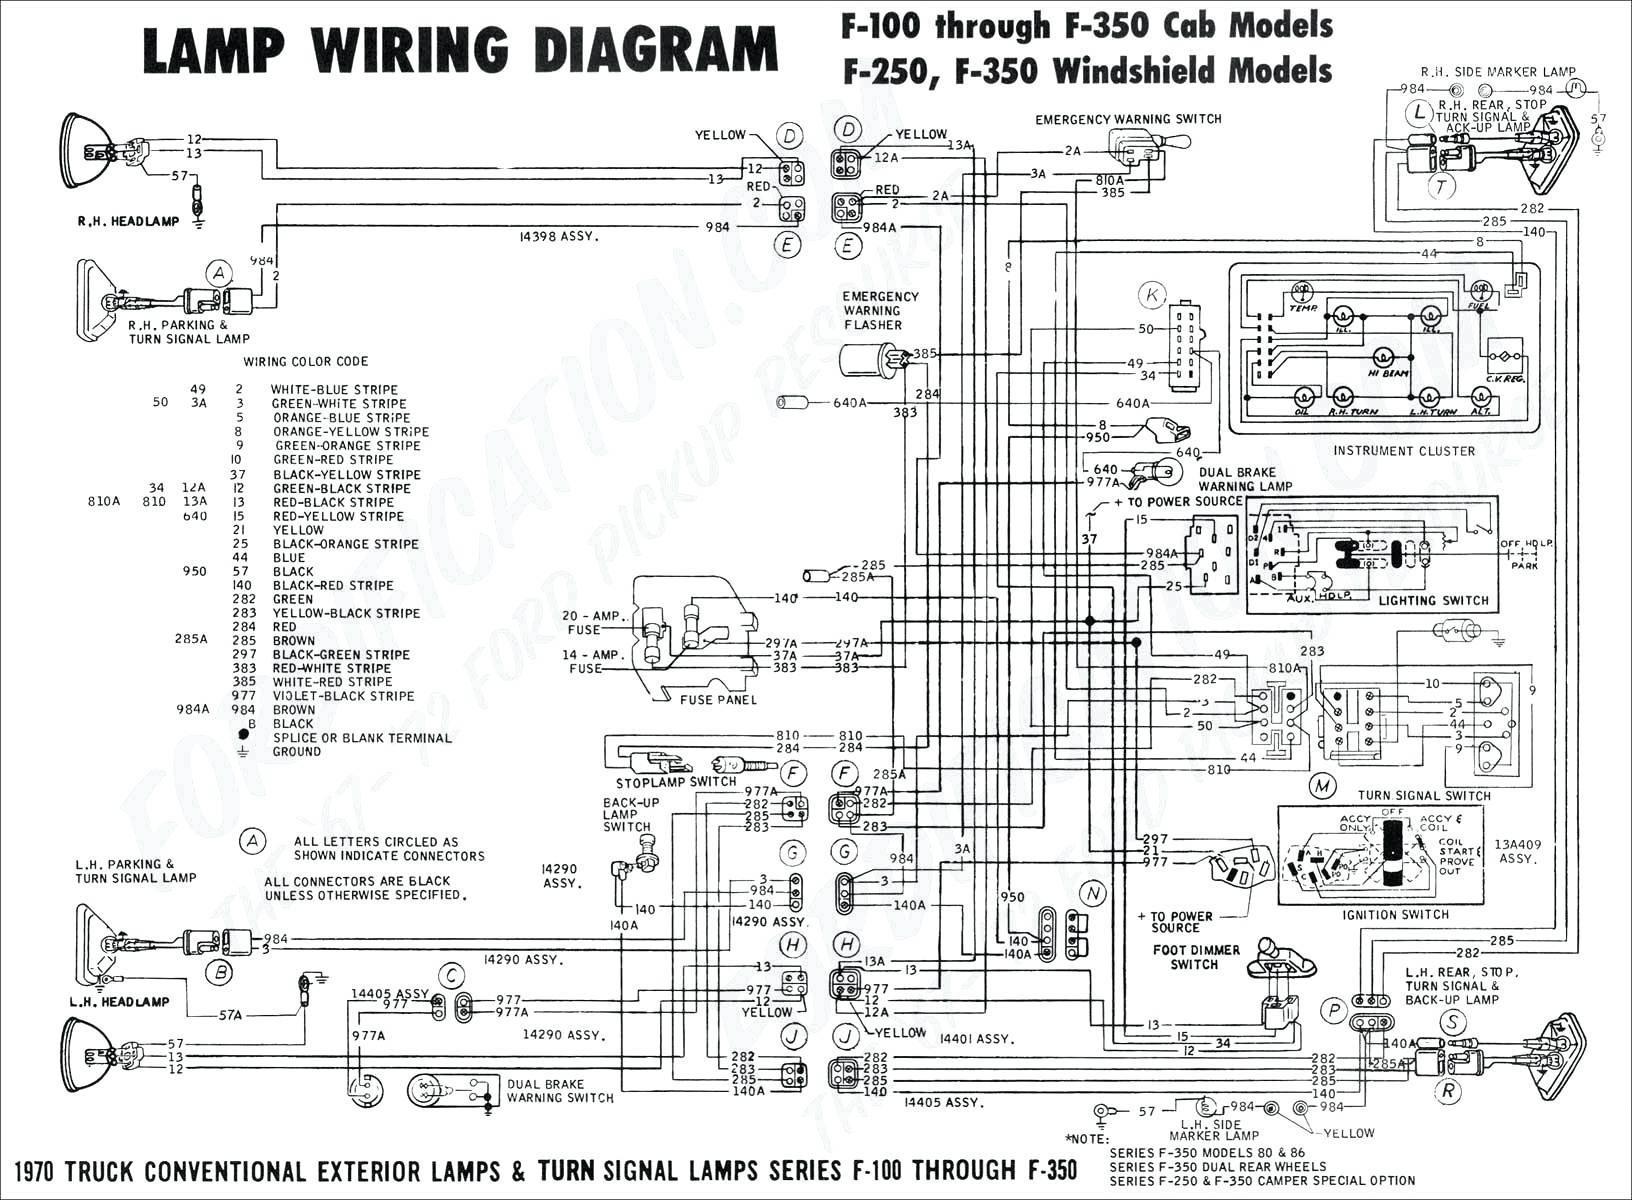 96 dodge neon radio wiring wiring diagram usedwiring diagram 1998 dodge dakota wiring diagram used 96